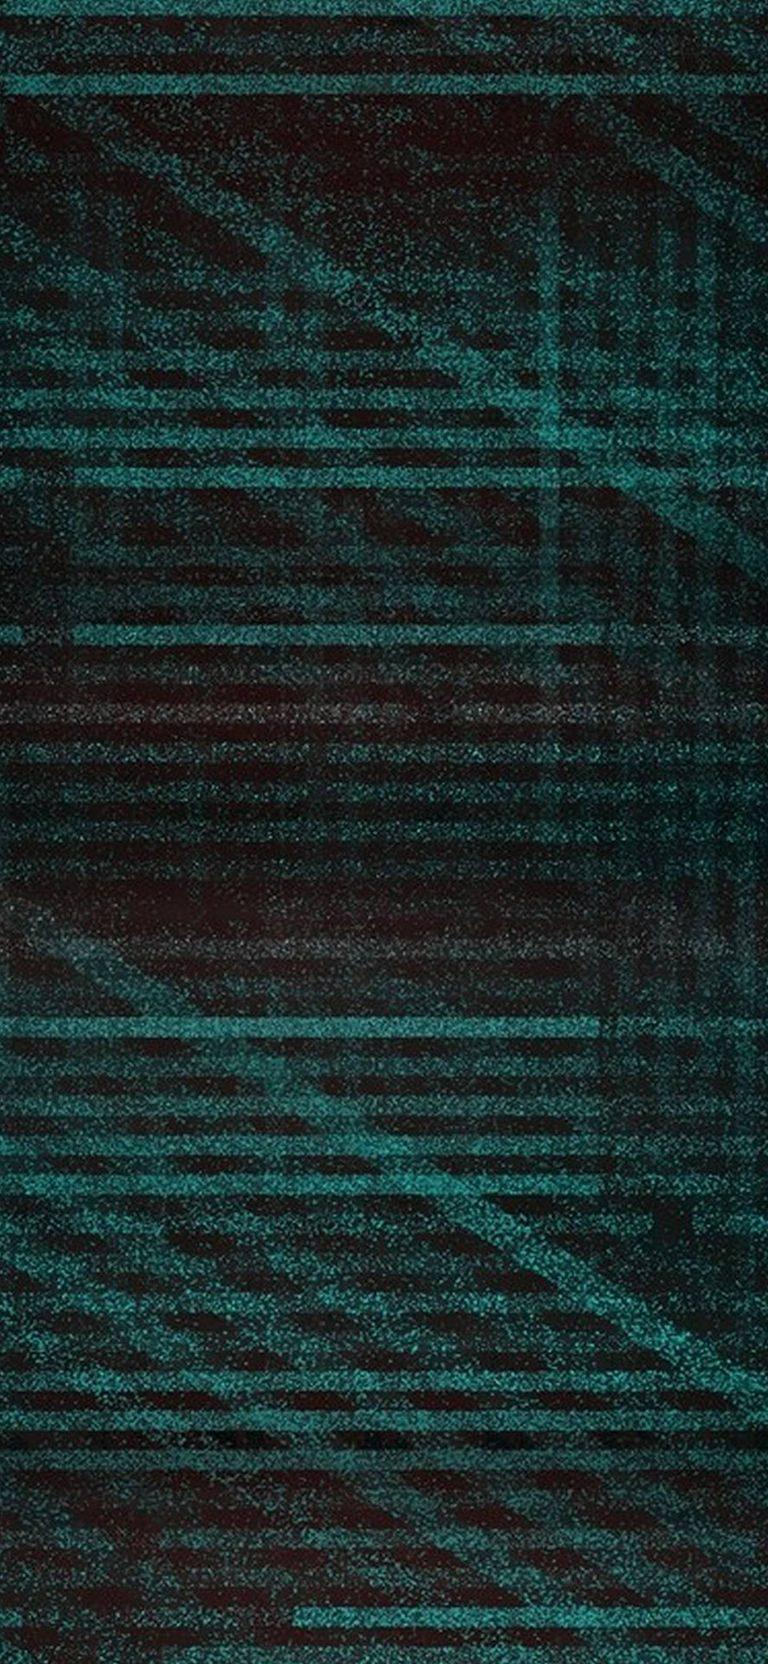 1440x3120 Wallpaper 023 768x1664